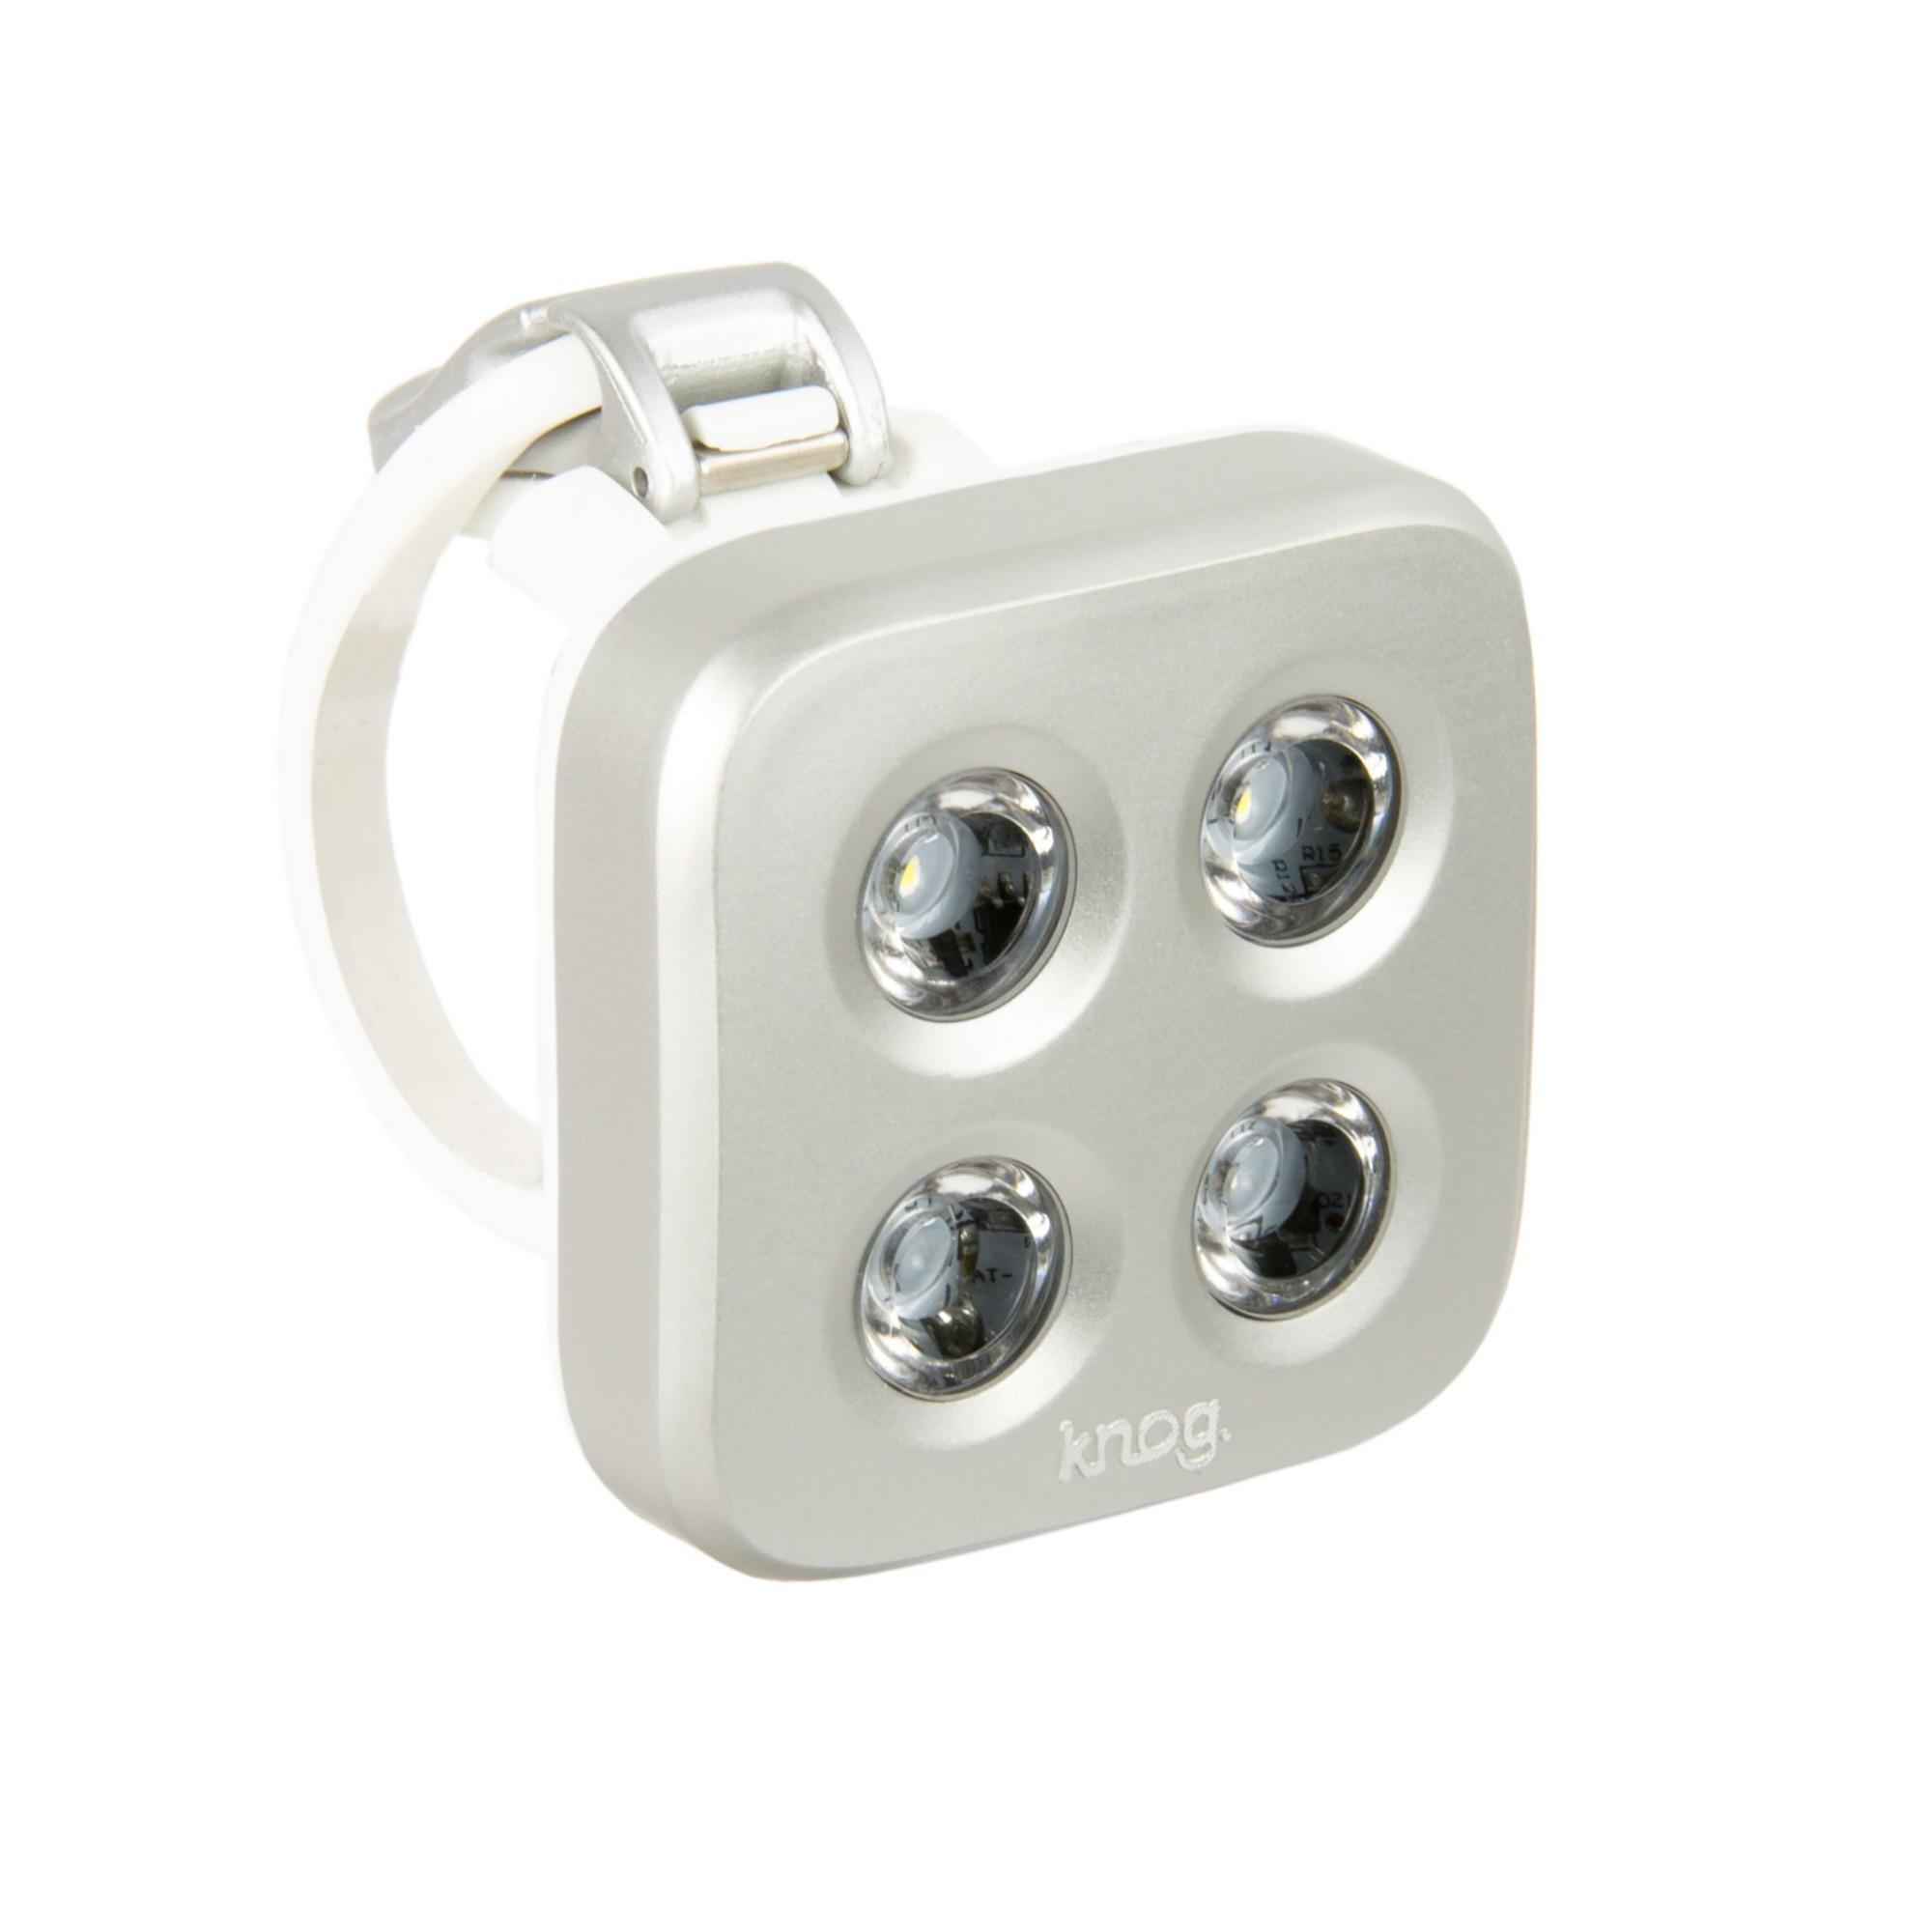 Knog Blinder MOB USB Rechargeable LED Bike Front Light Square Black The Face